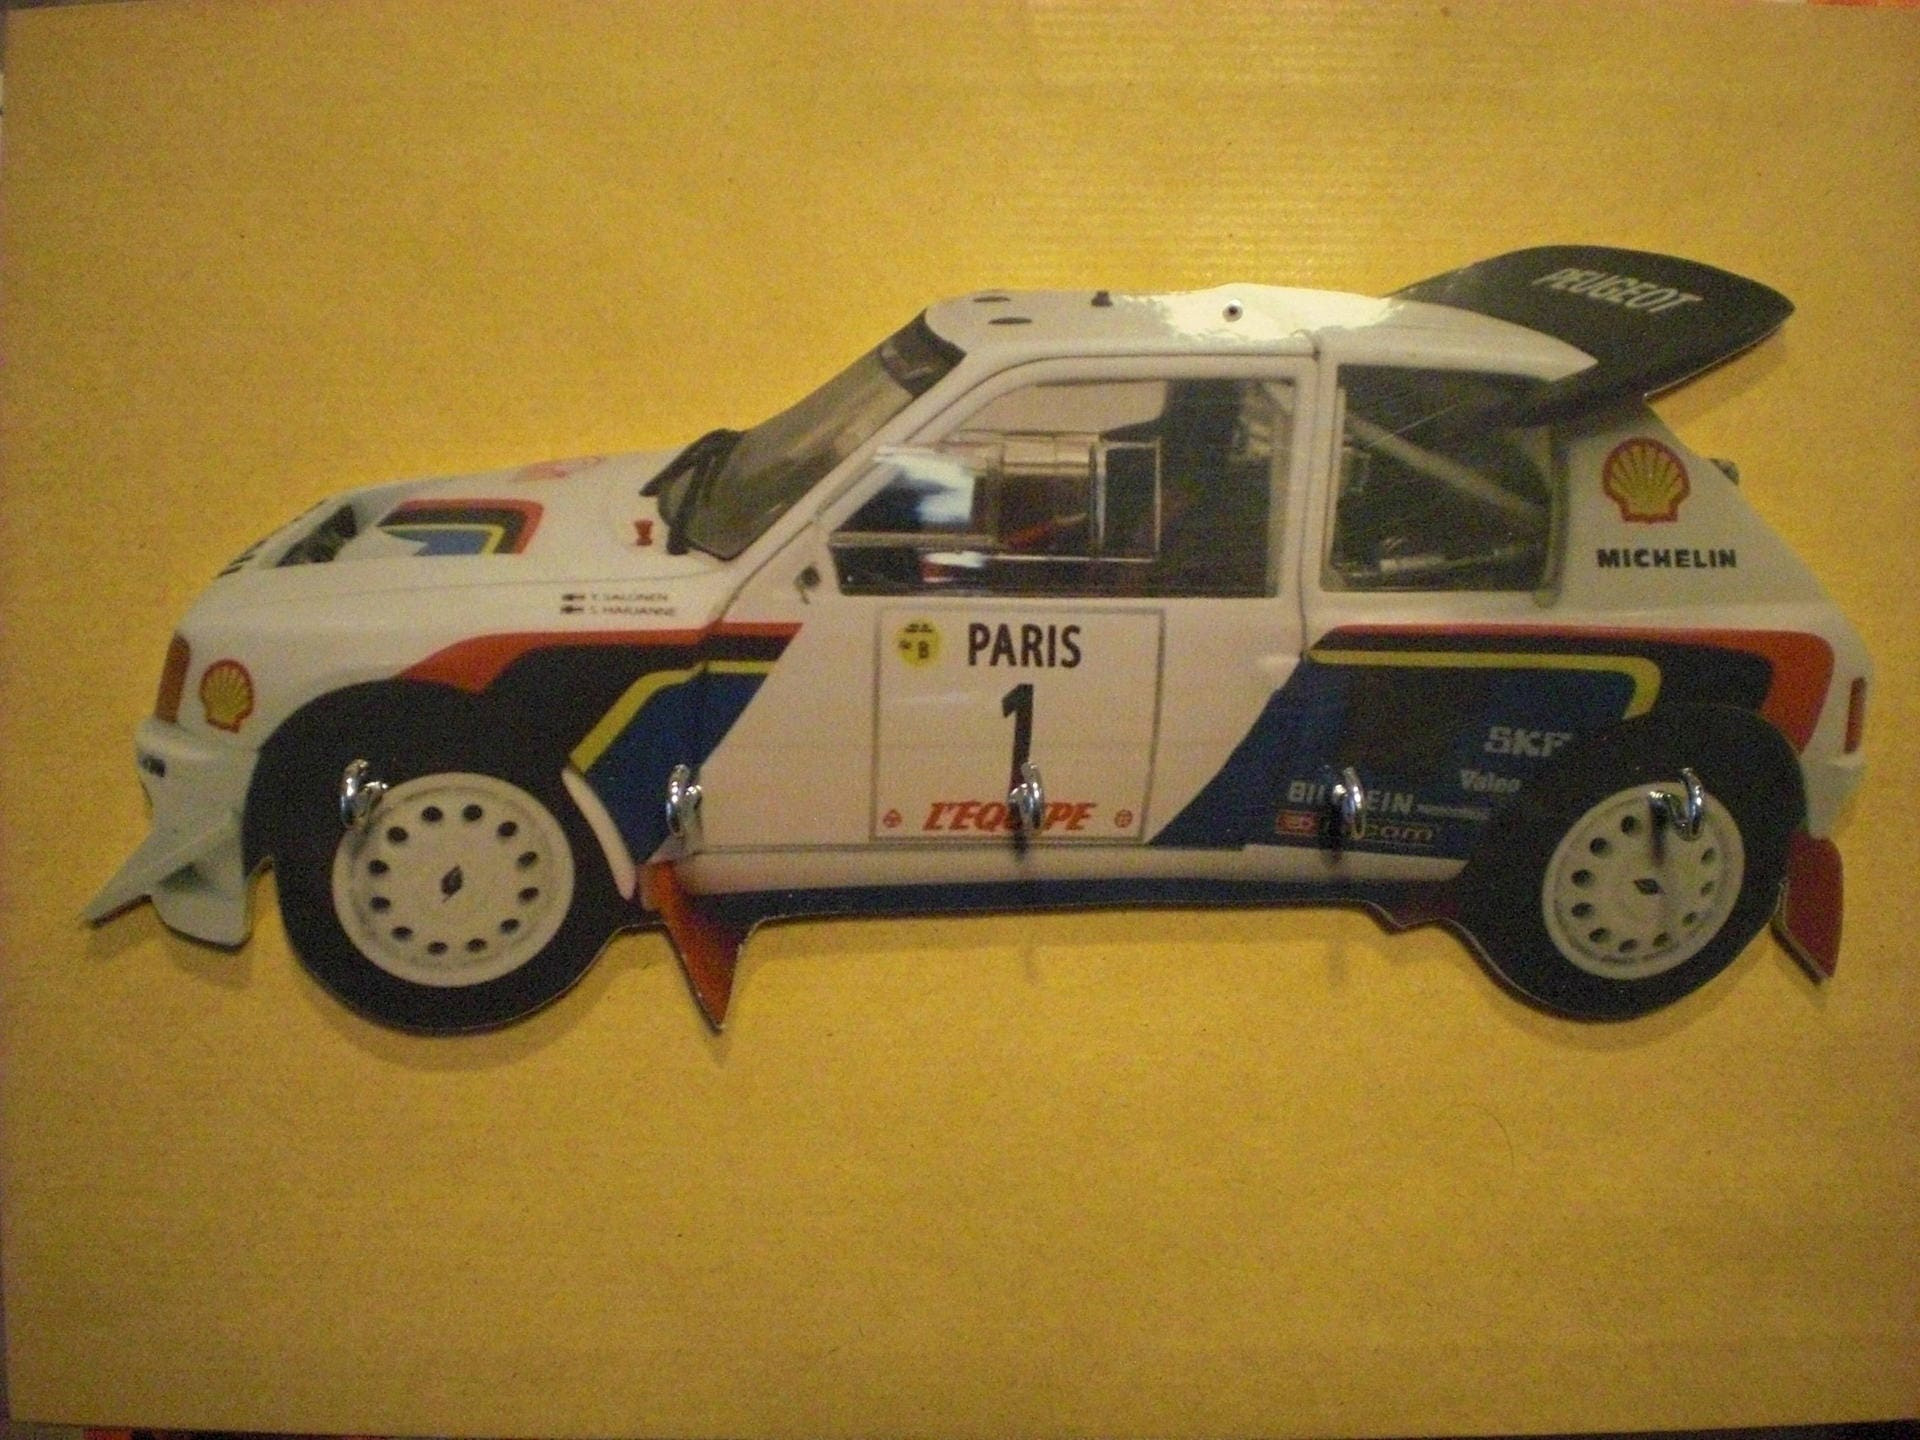 key wall peugeot 205 gti rally / vintage personalised key hook